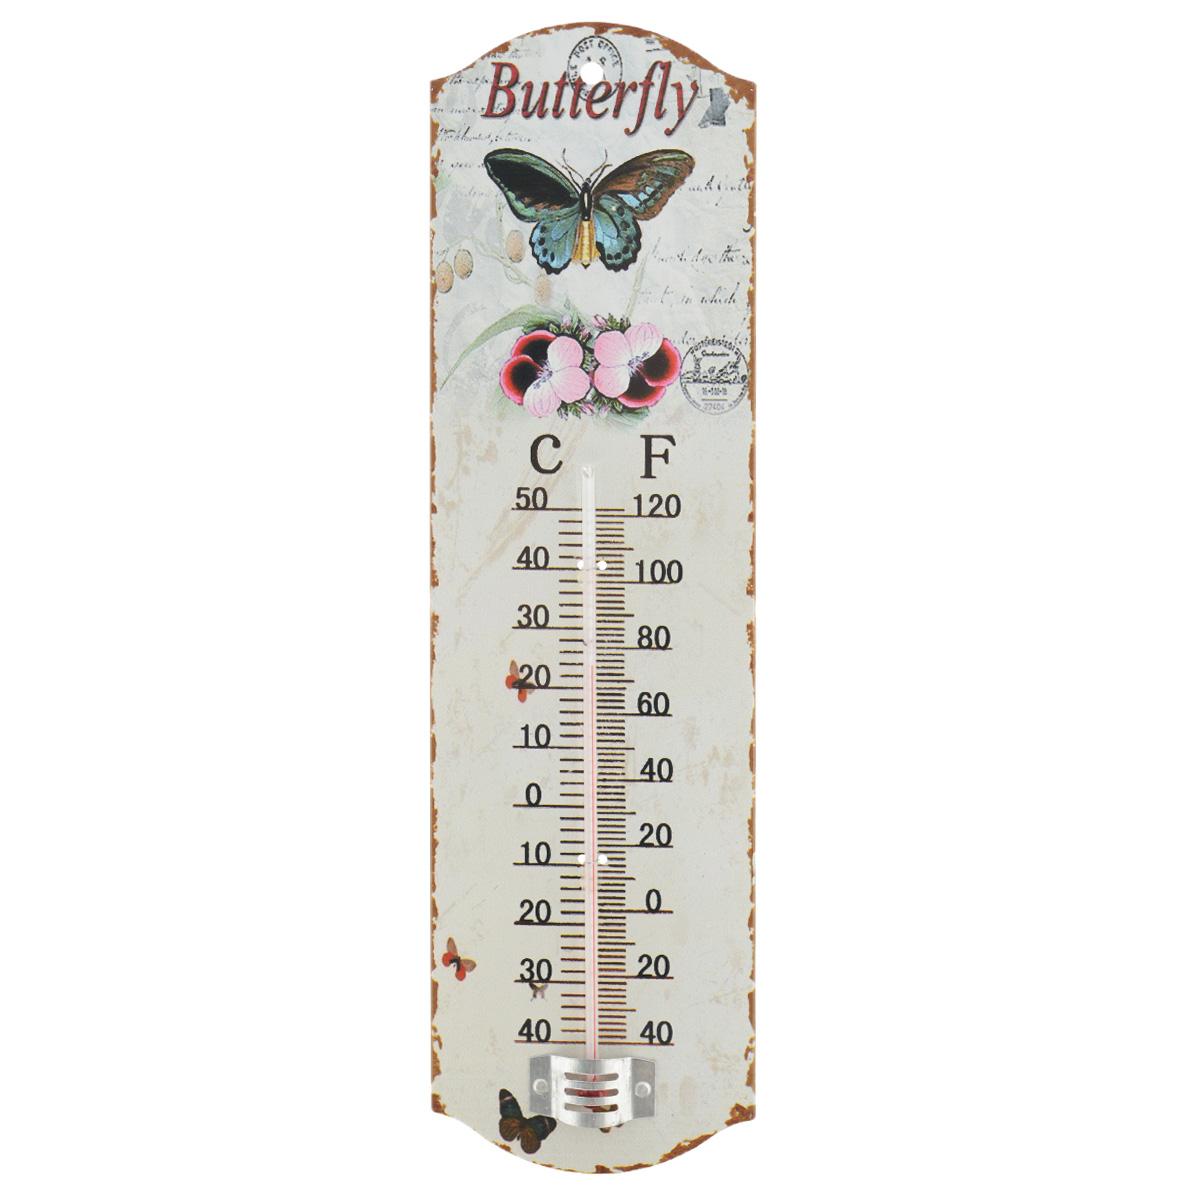 Термометр декоративный Феникс-презент, комнатный. 3374433744Комнатный термометр Феникс-презент, изготовленный из металла и стекла, декорирован изображением бабочки и цветов. Термометр имеет шкалу измерения температуры по Цельсию (-40°С - +50°С) и по Фаренгейту (-40°F - +120°F). Благодаря такому термометру вы всегда будете точно знать, насколько тепло в помещении. Изделие оснащено специальным отверстием для подвешивания. Оригинальный дизайн не оставит равнодушным никого. Термометр удачно впишется в обстановку жилого помещения, гаража или беседки. Кроме того, это актуальный подарок для человека с хорошим вкусом. Высота градусника: 14,5 см.